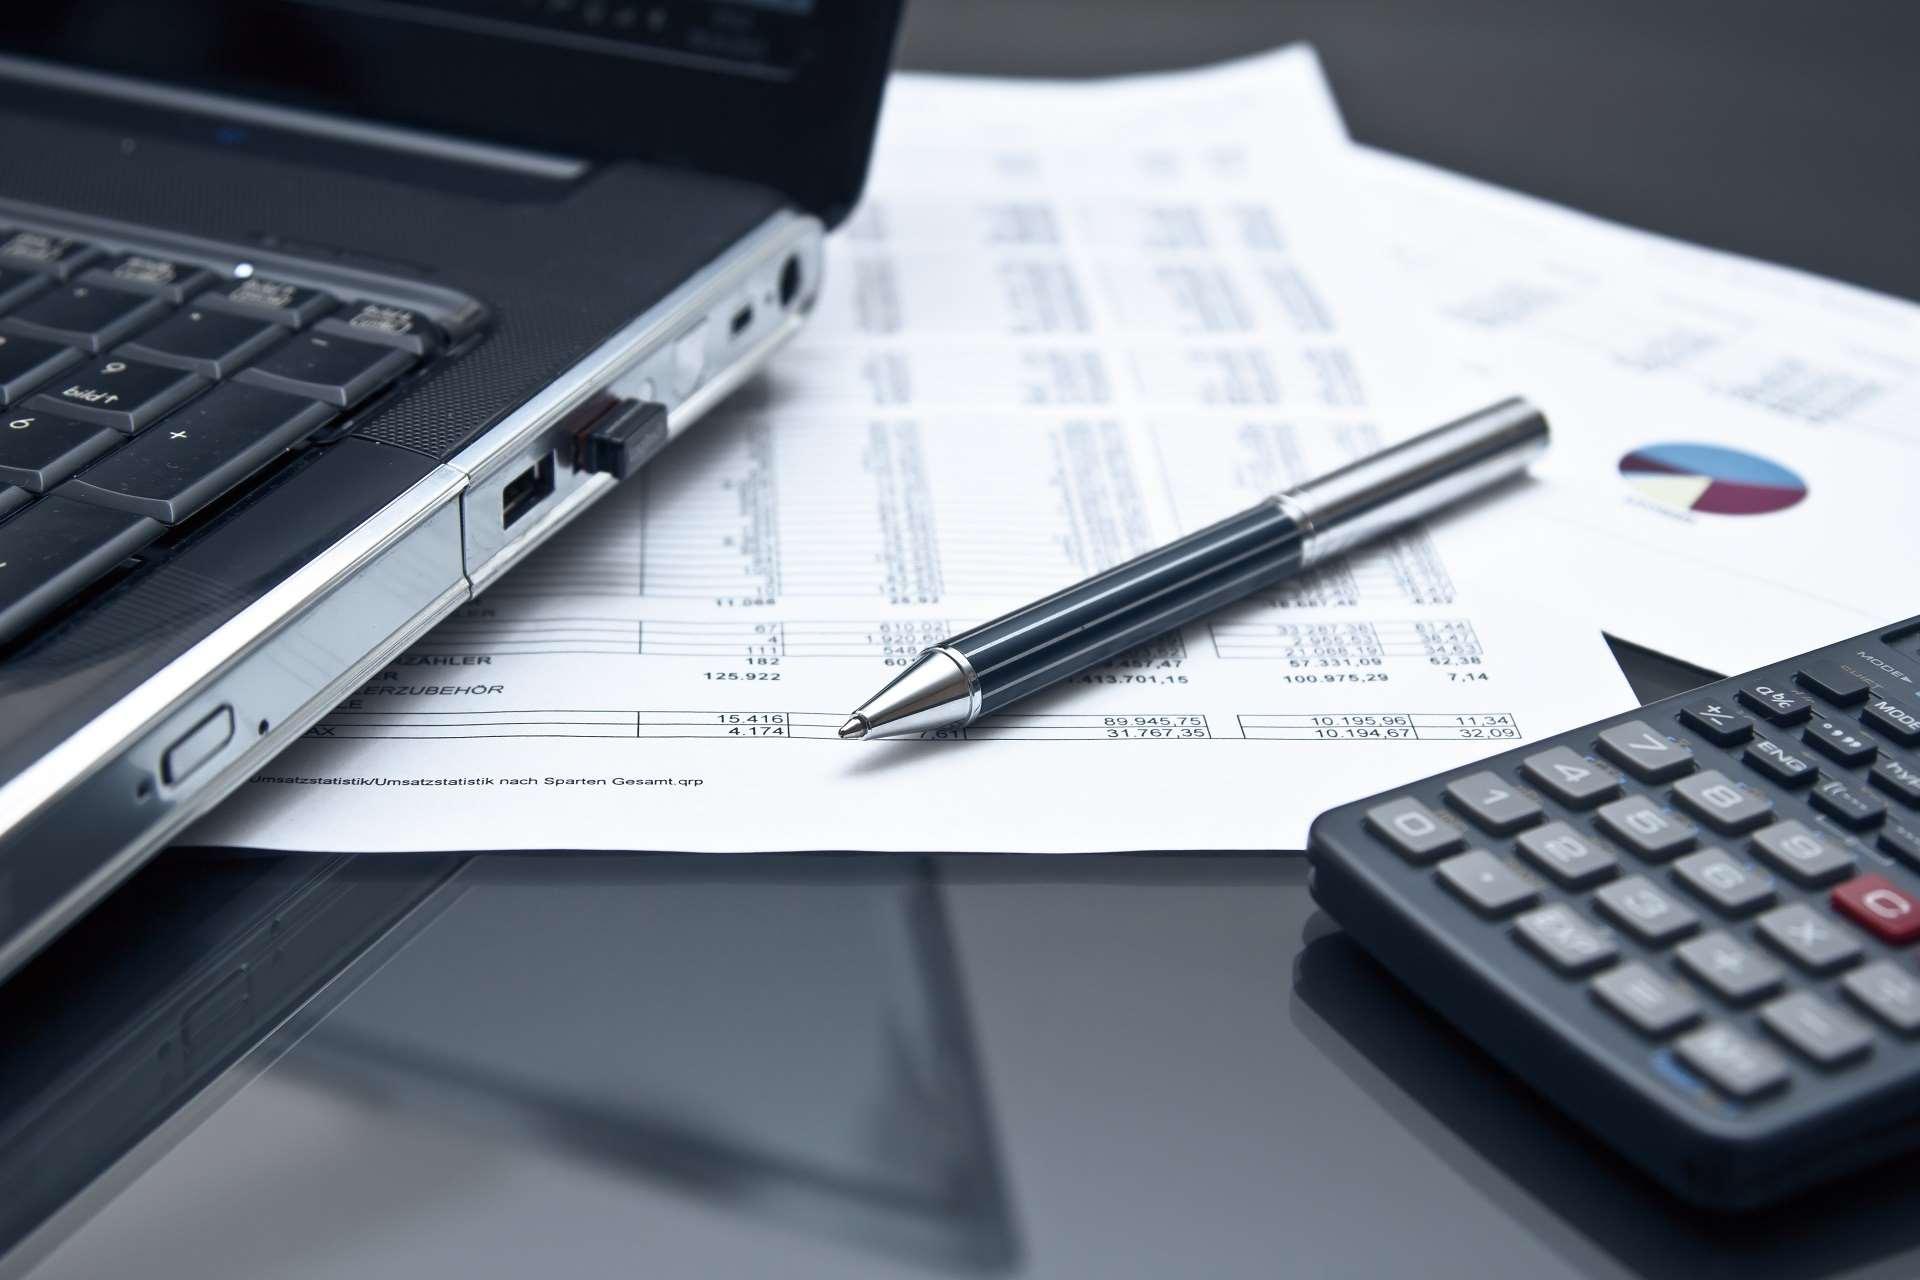 Faktura bez VAT, podatnika korzystającego ze zwolnienia. Pobierz darmowy wzór.